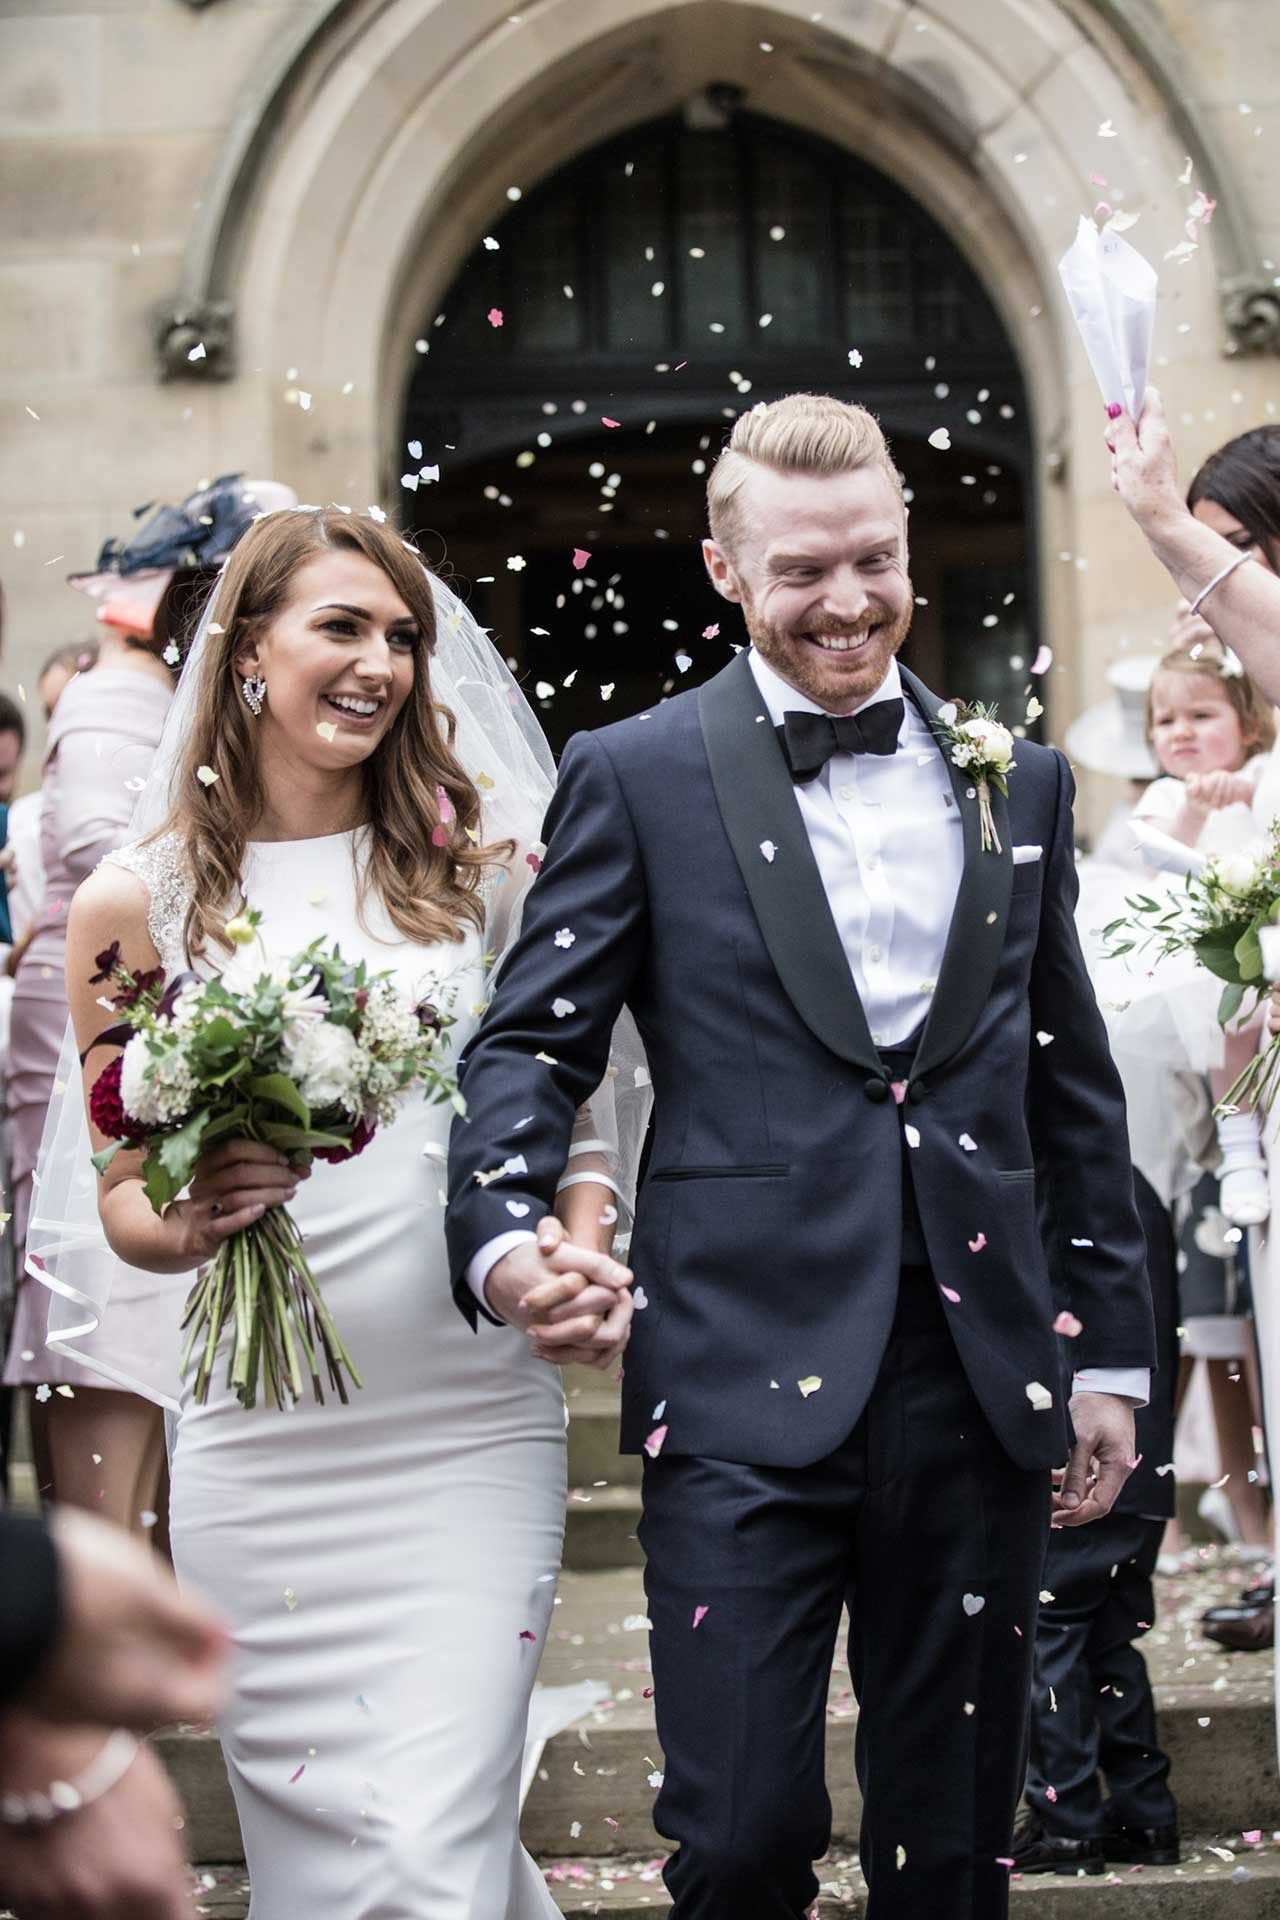 Wedding Ideas, Planning & Inspiration Catholic wedding